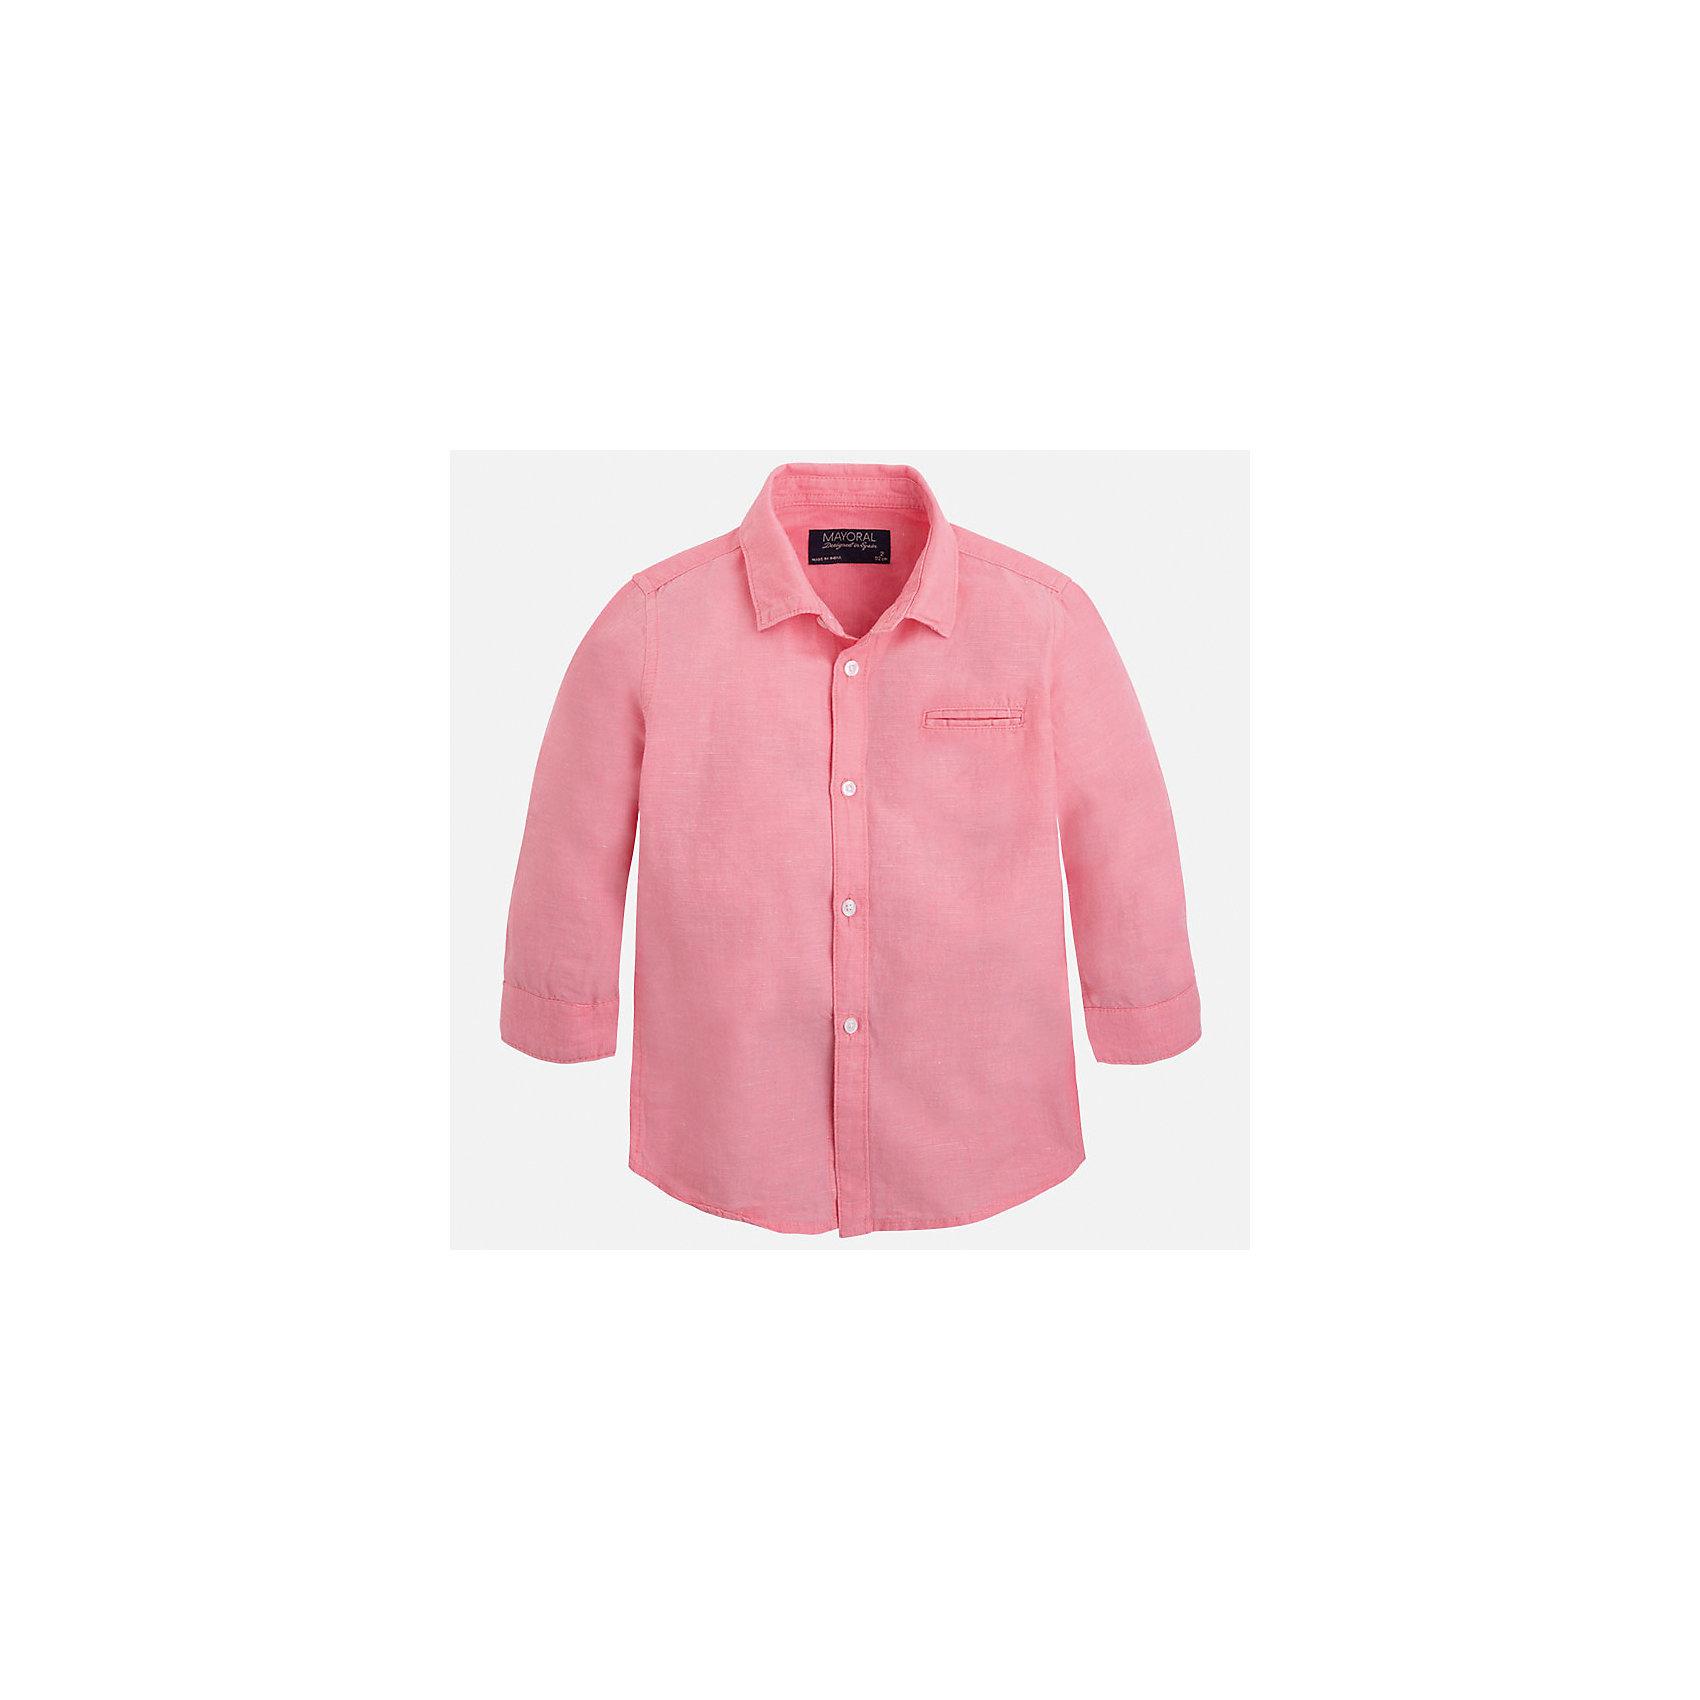 Рубашка для мальчика MayoralБлузки и рубашки<br>Характеристики товара:<br><br>• цвет: розовый<br>• состав: 70% хлопок, 30% лен<br>• отложной воротник<br>• рукава с отворотами<br>• застежка: пуговицы<br>• карман на груди<br>• страна бренда: Испания<br><br>Удобная и модная рубашка для мальчика может стать базовой вещью в гардеробе ребенка. Она отлично сочетается с брюками, шортами, джинсами и т.д. Универсальный крой и цвет позволяет подобрать к вещи низ разных расцветок. Практичное и стильное изделие! В составе материала - натуральный хлопок, гипоаллергенный, приятный на ощупь, дышащий.<br><br>Одежда, обувь и аксессуары от испанского бренда Mayoral полюбились детям и взрослым по всему миру. Модели этой марки - стильные и удобные. Для их производства используются только безопасные, качественные материалы и фурнитура. Порадуйте ребенка модными и красивыми вещами от Mayoral! <br><br>Рубашку для мальчика от испанского бренда Mayoral (Майорал) можно купить в нашем интернет-магазине.<br><br>Ширина мм: 174<br>Глубина мм: 10<br>Высота мм: 169<br>Вес г: 157<br>Цвет: розовый<br>Возраст от месяцев: 96<br>Возраст до месяцев: 108<br>Пол: Мужской<br>Возраст: Детский<br>Размер: 134,128,122,116,104,98,92,110<br>SKU: 5277731